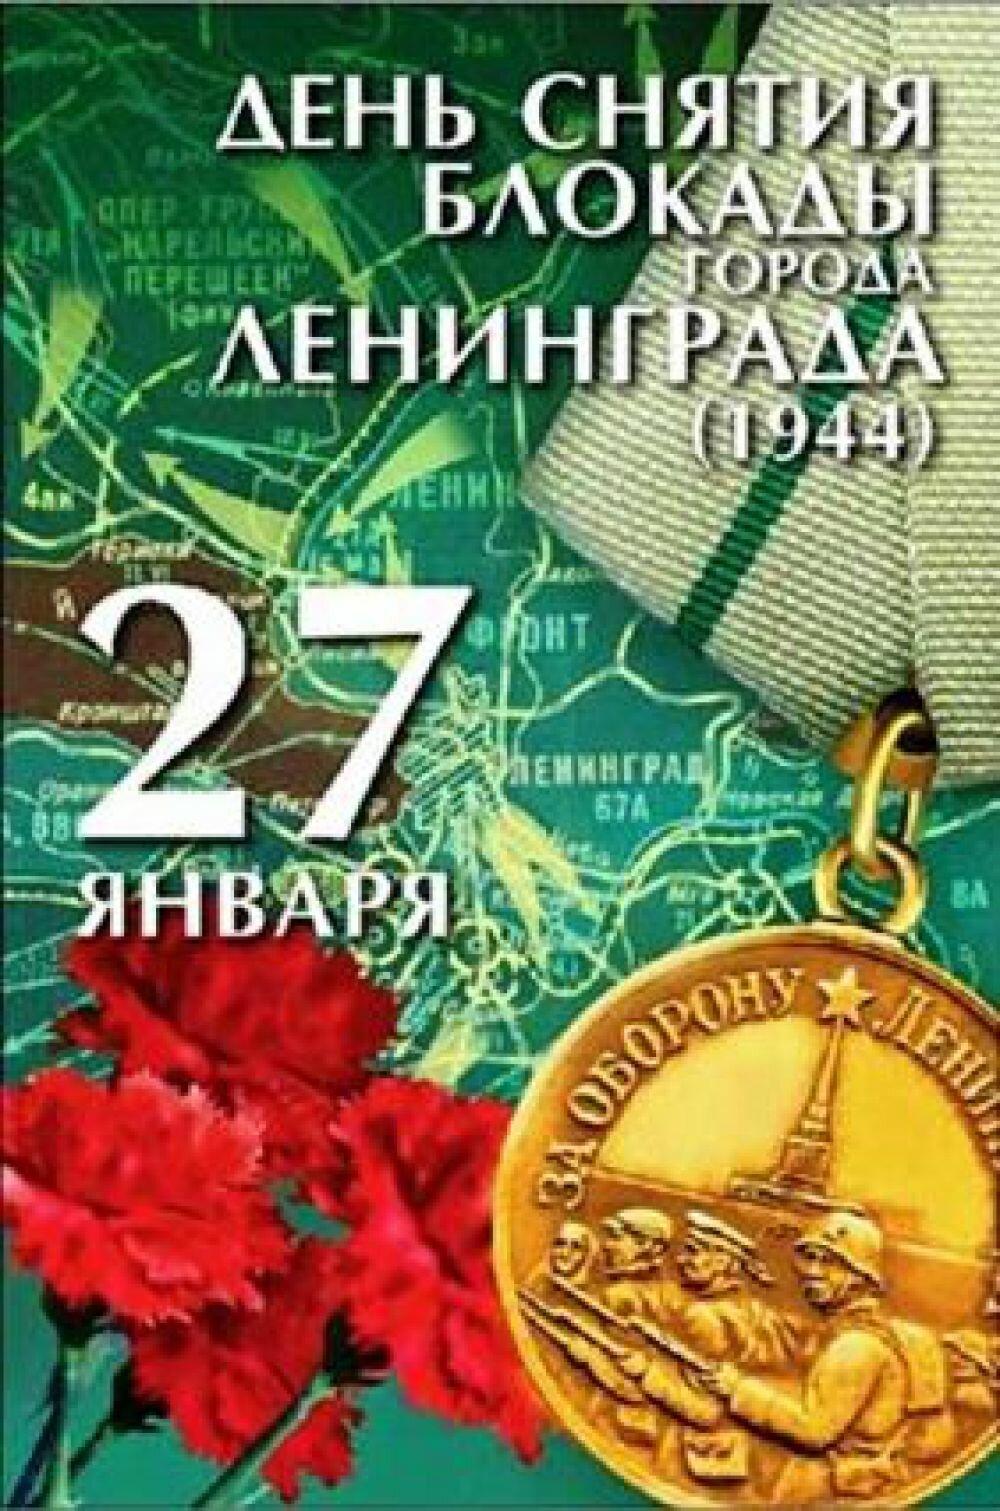 Ленинград блокада открытки, цыпленком